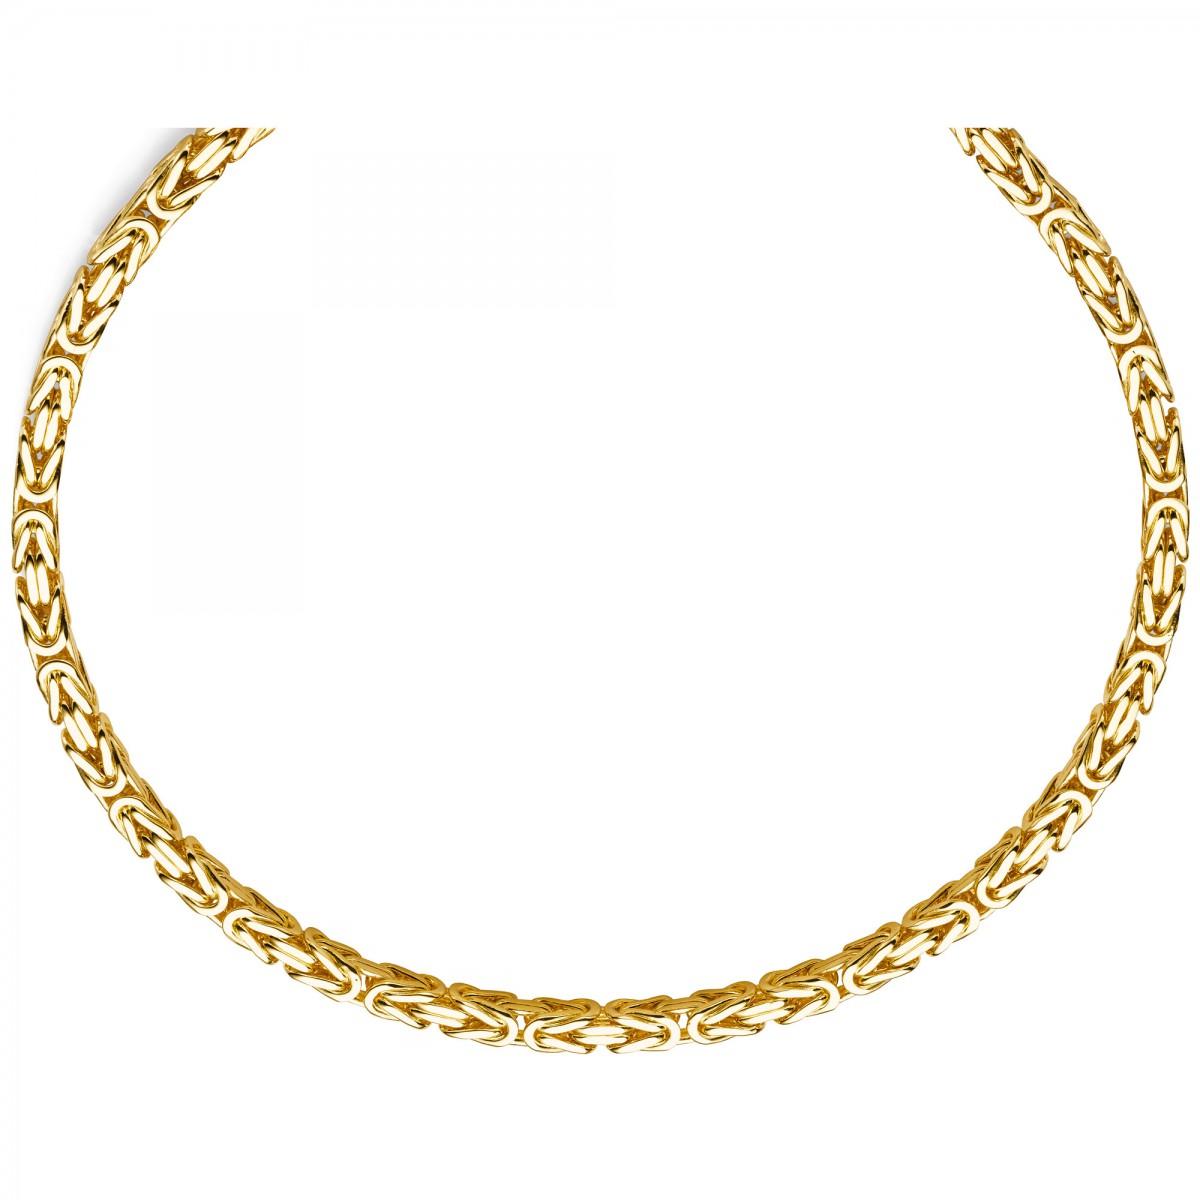 7mm k nigskette aus 585 gold gelbgold kette halskette 70cm. Black Bedroom Furniture Sets. Home Design Ideas